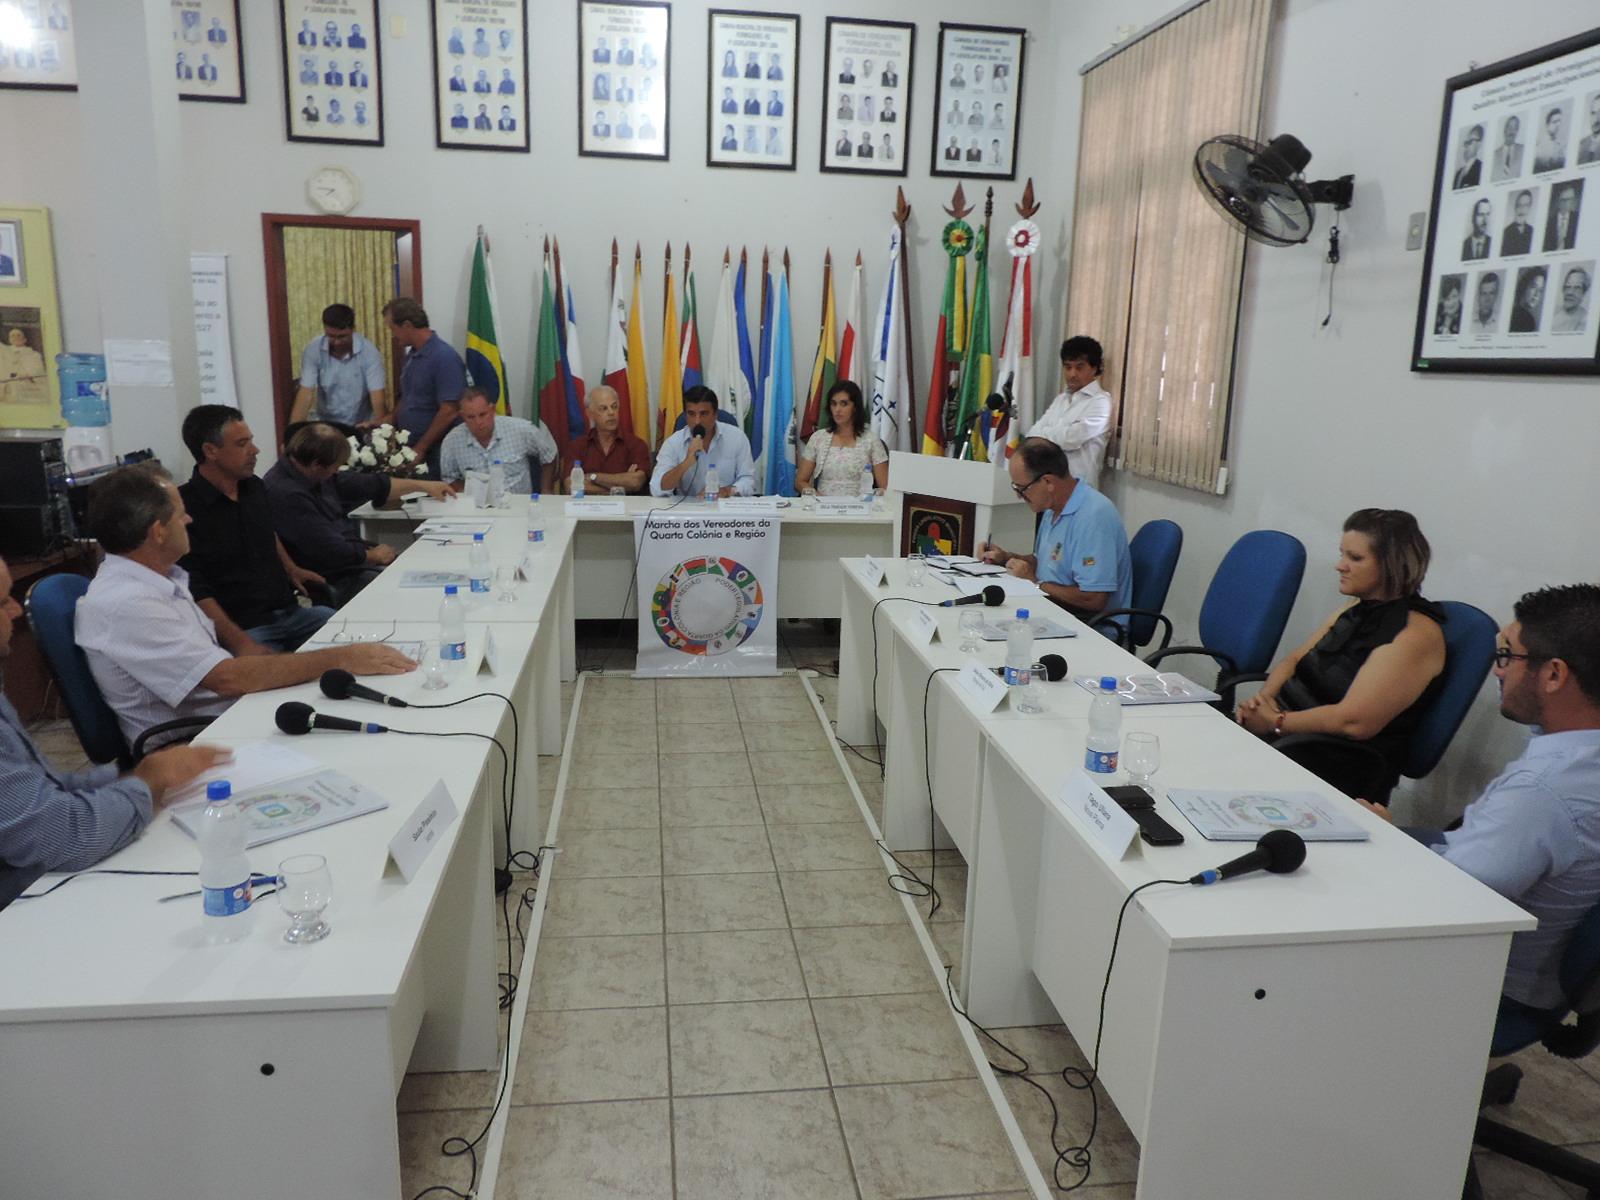 Câmara de Paraíso do Sul participa da Posse da nova Presidência do Poder Legislativo da Quarta Côlonia e Região.